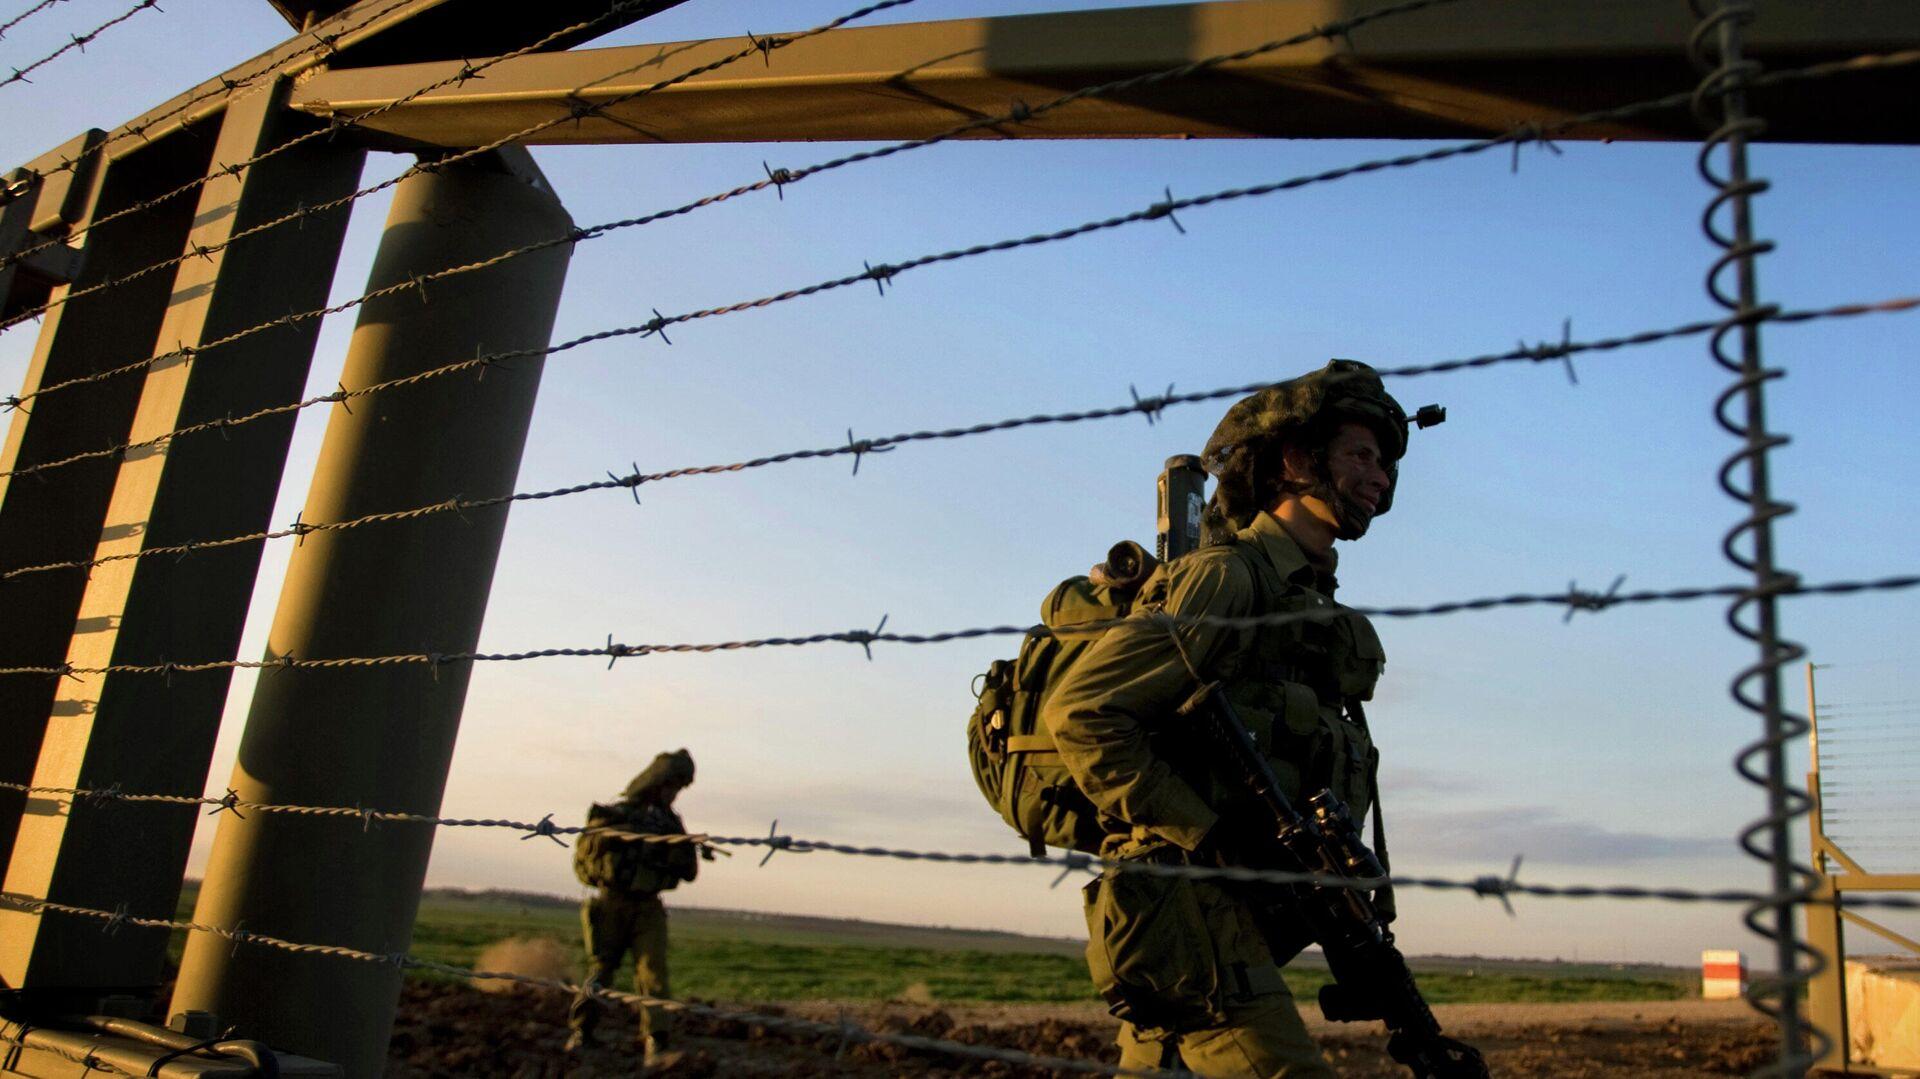 Израильские пехотные солдаты входят в сектор Газа из Израиля с боевым заданием, архивное фото - Sputnik Тоҷикистон, 1920, 24.07.2021